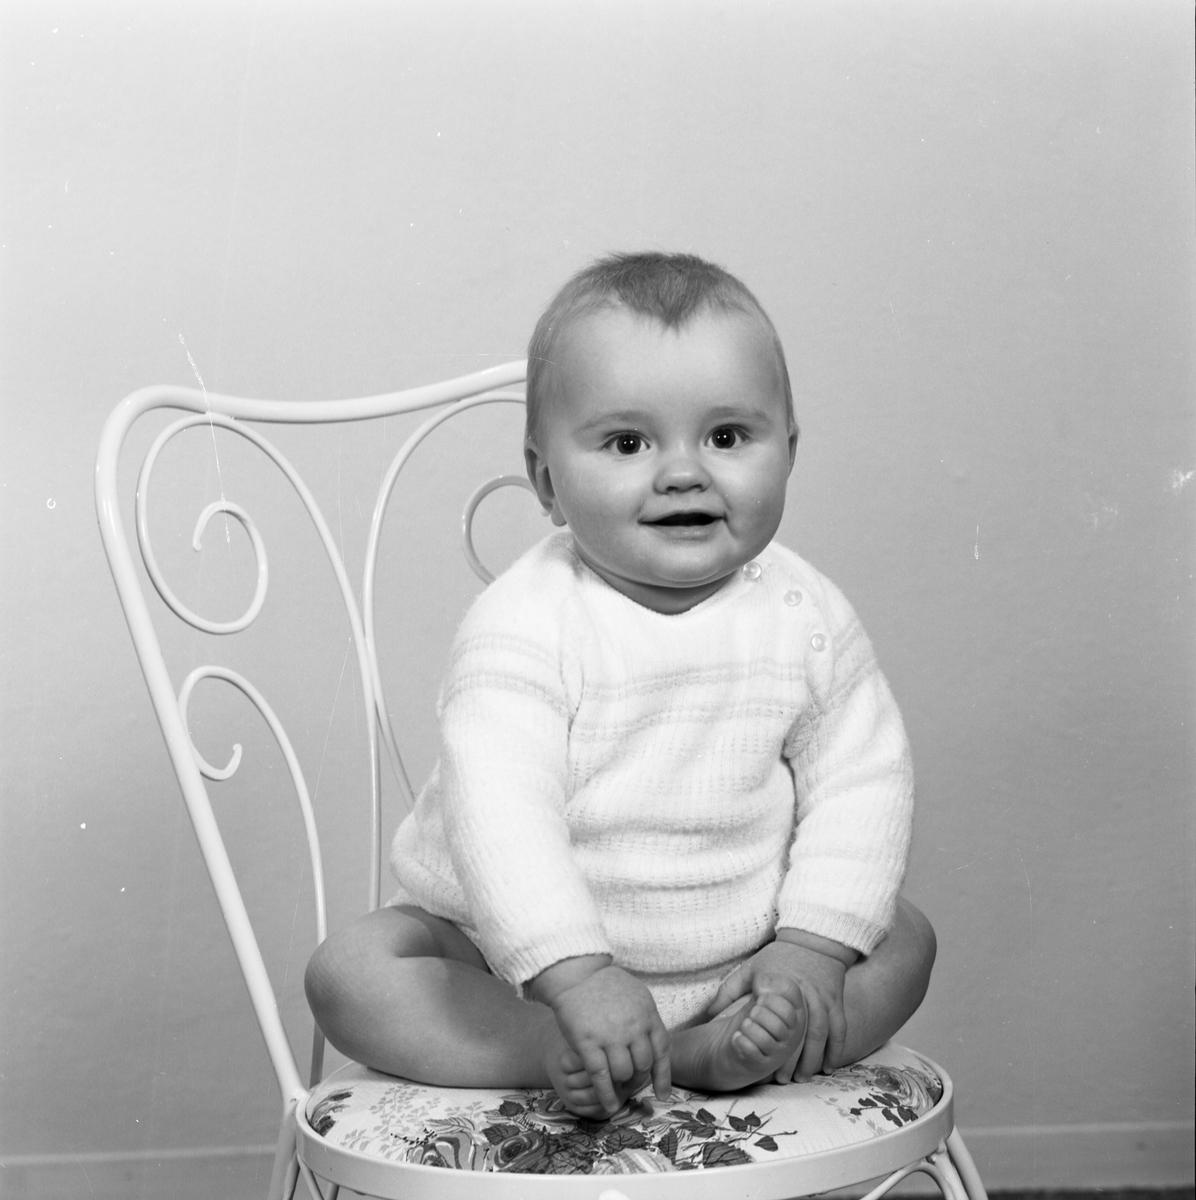 Portrett. Liten gutt. Bestilt av Magnhild Johannesen. 5574 Skjold